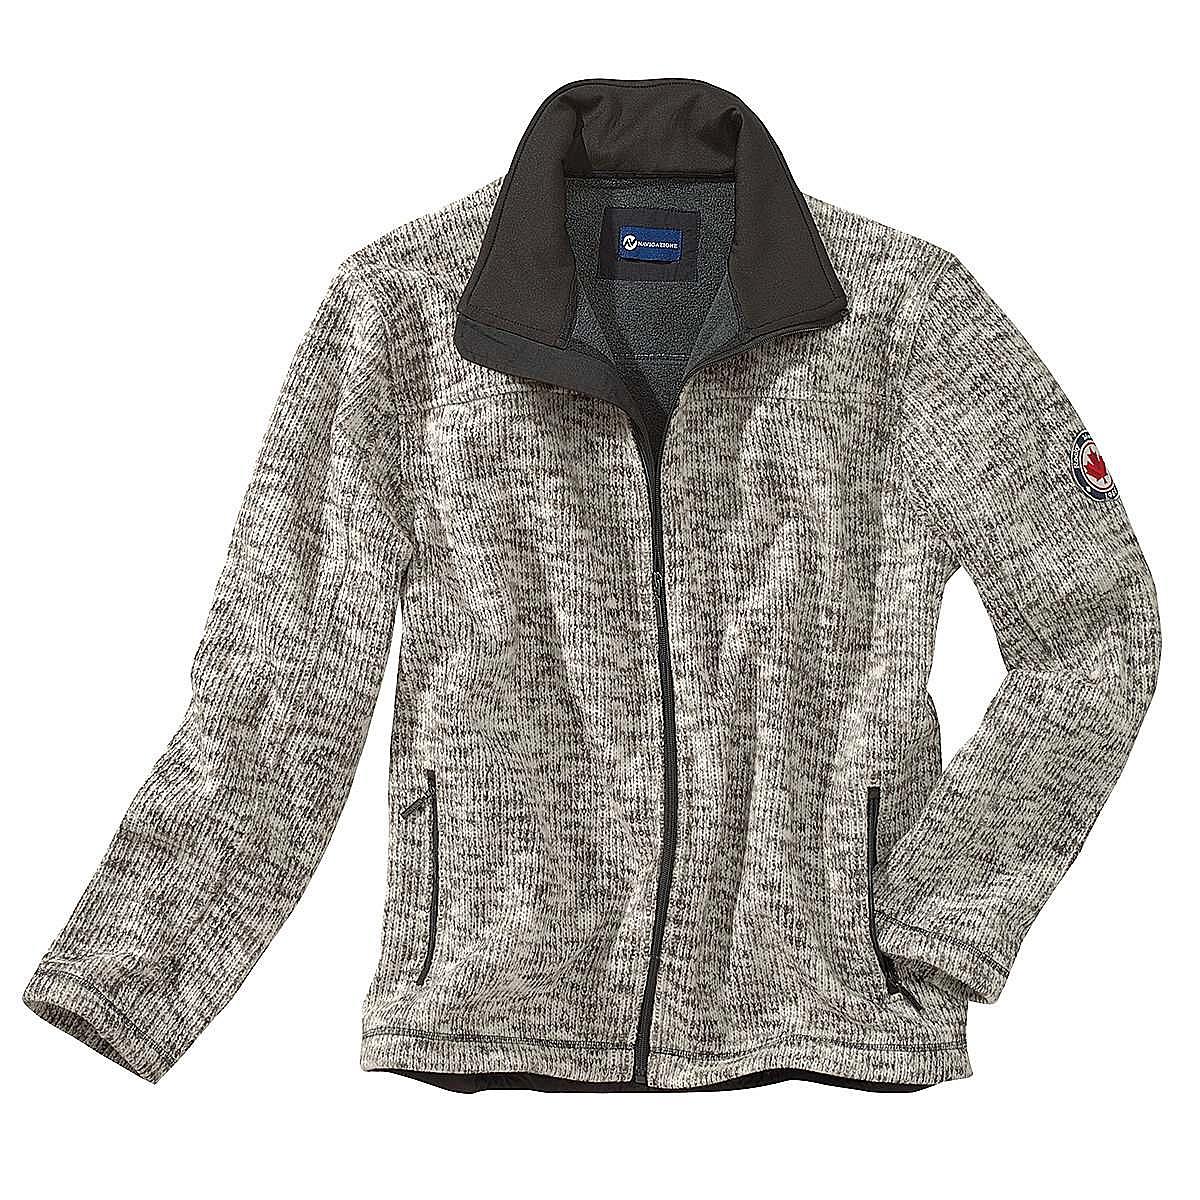 neuesten Stil von 2019 Brandneu geeignet für Männer/Frauen Outdoor Strickjacke mit Fleece Futter | Farbe natur-melange